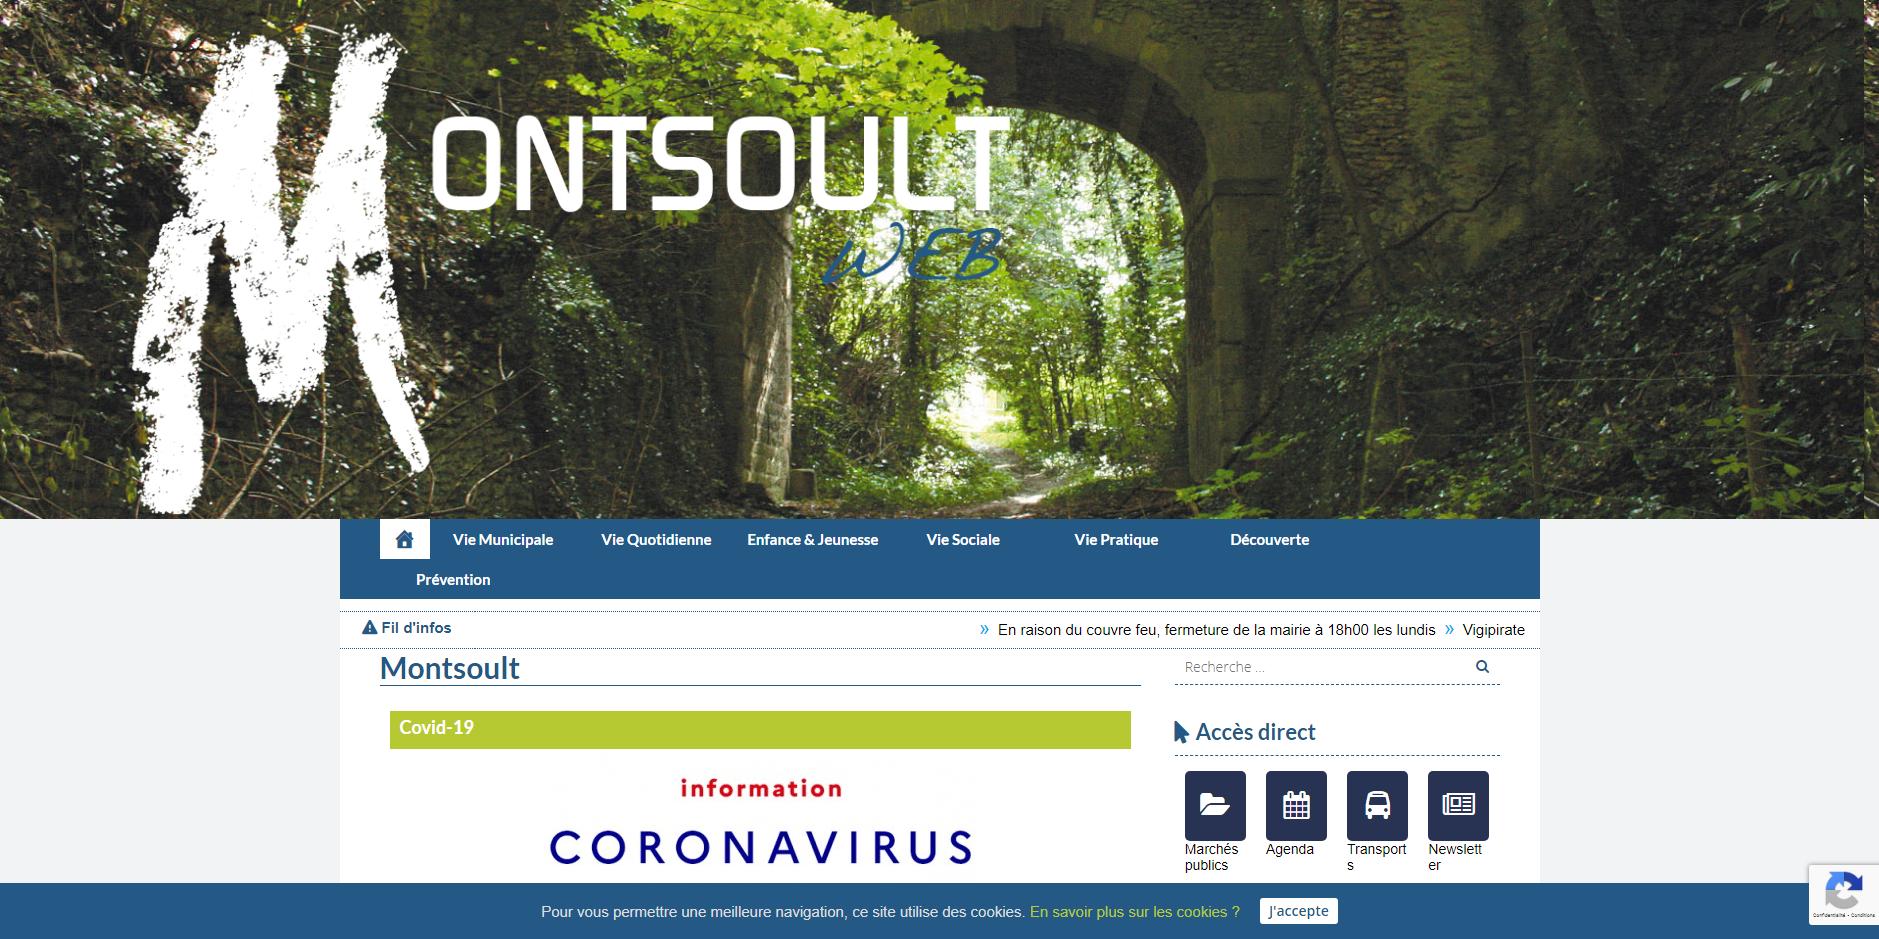 site de Montsoult